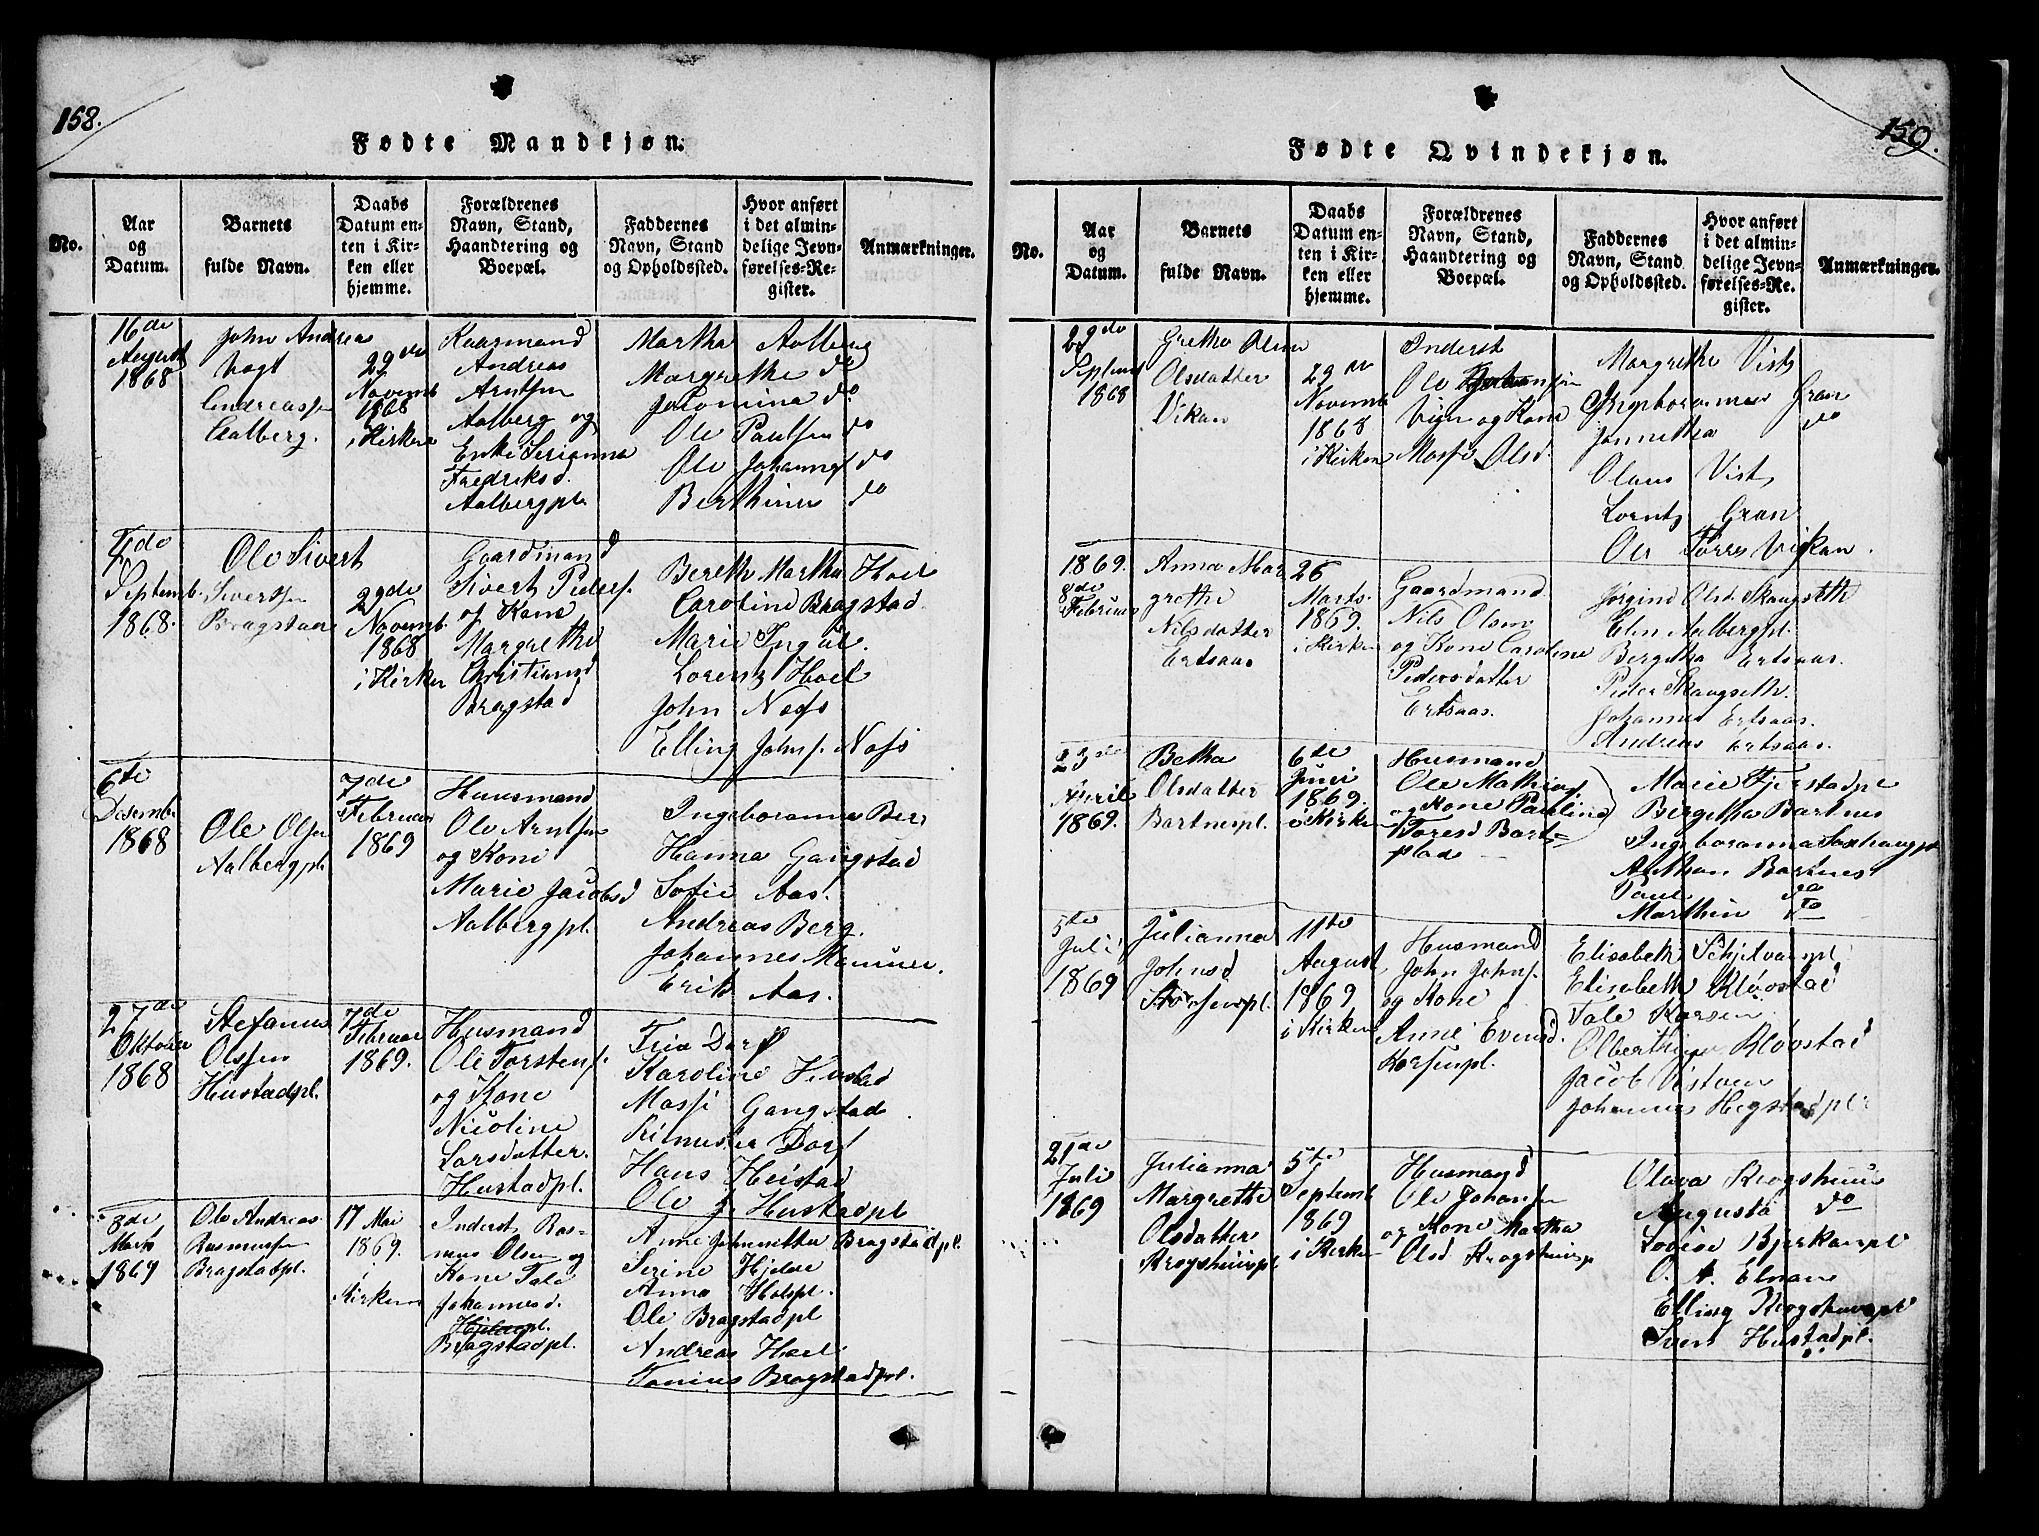 SAT, Ministerialprotokoller, klokkerbøker og fødselsregistre - Nord-Trøndelag, 732/L0317: Klokkerbok nr. 732C01, 1816-1881, s. 158-159